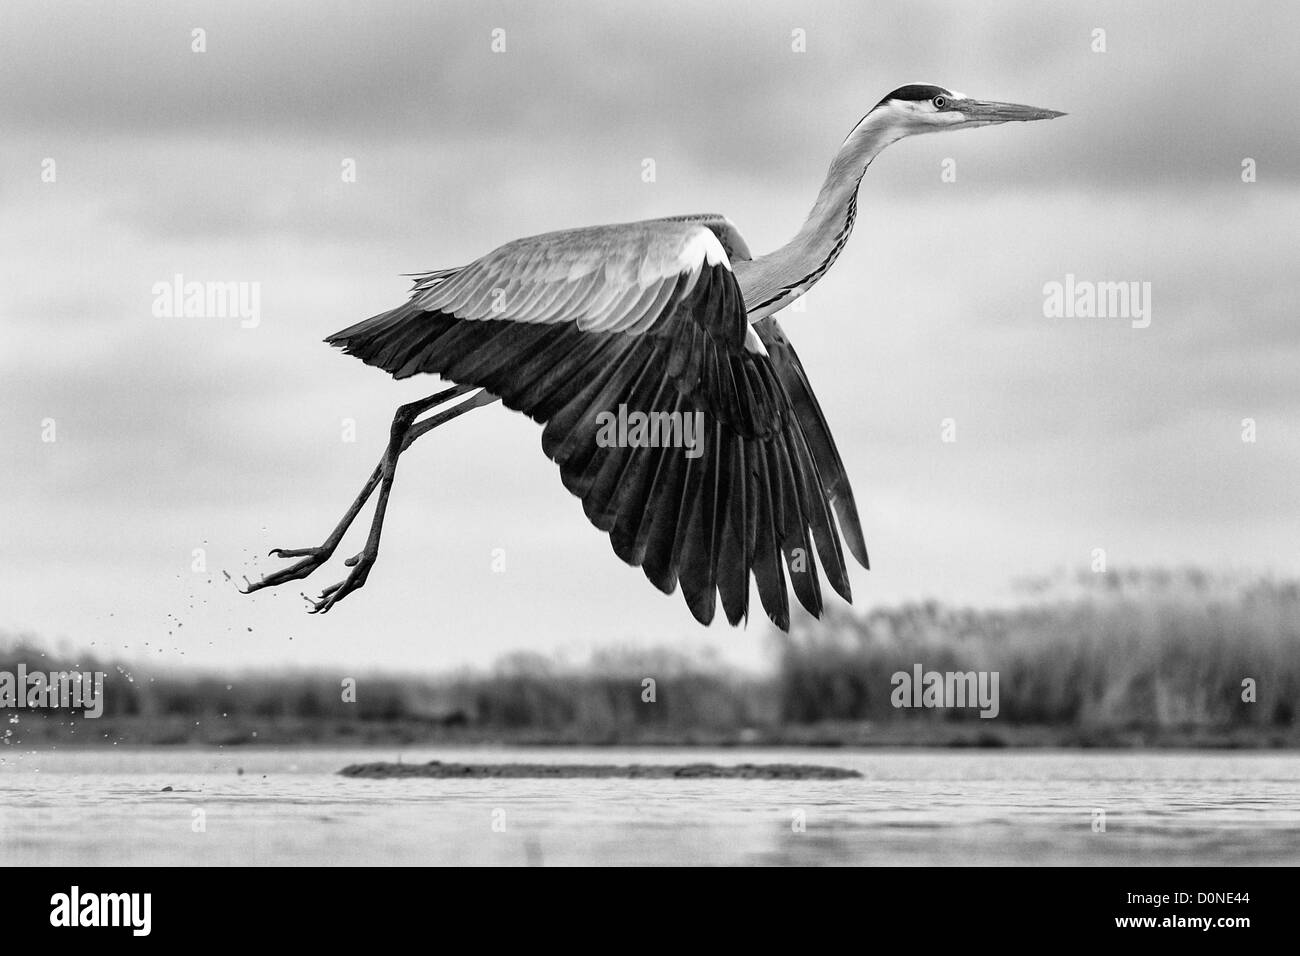 Image en noir et blanc d'un héron gris volant bas-côté sur plus d'un lac Photo Stock